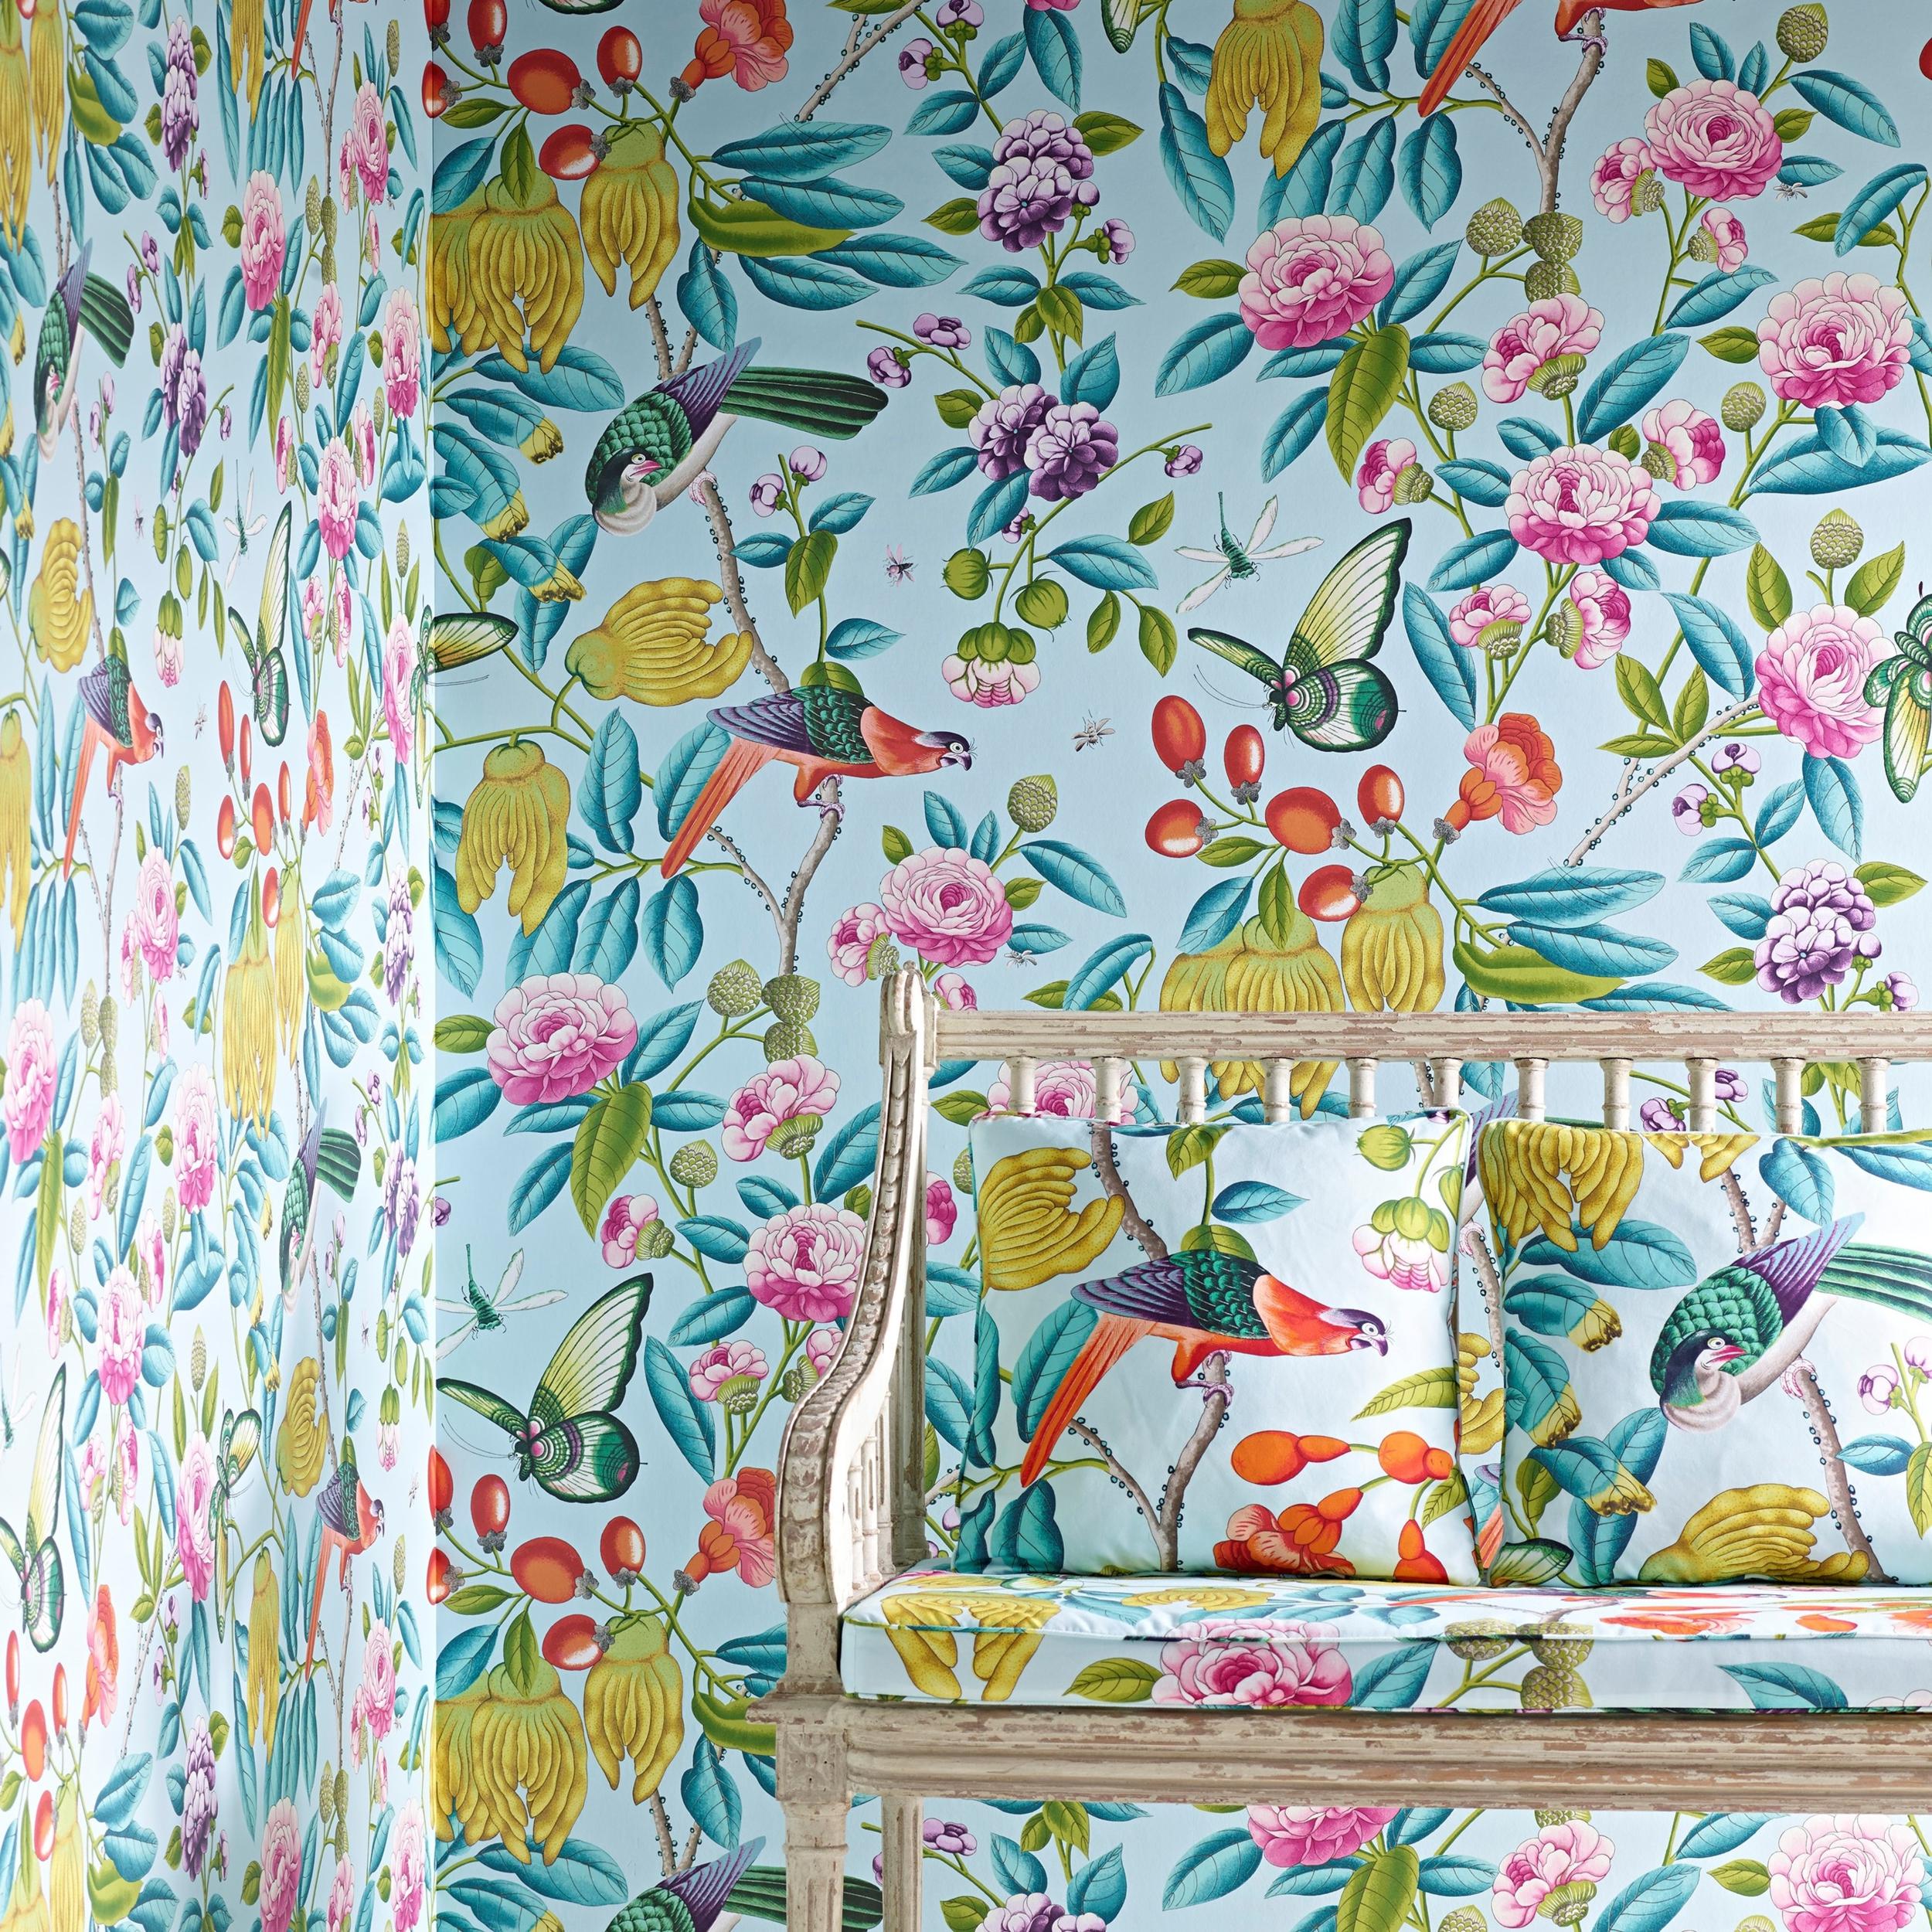 Papier peint serendip enfants papiers peints le boudoir des etoffes - Papier peint nouveaute ...